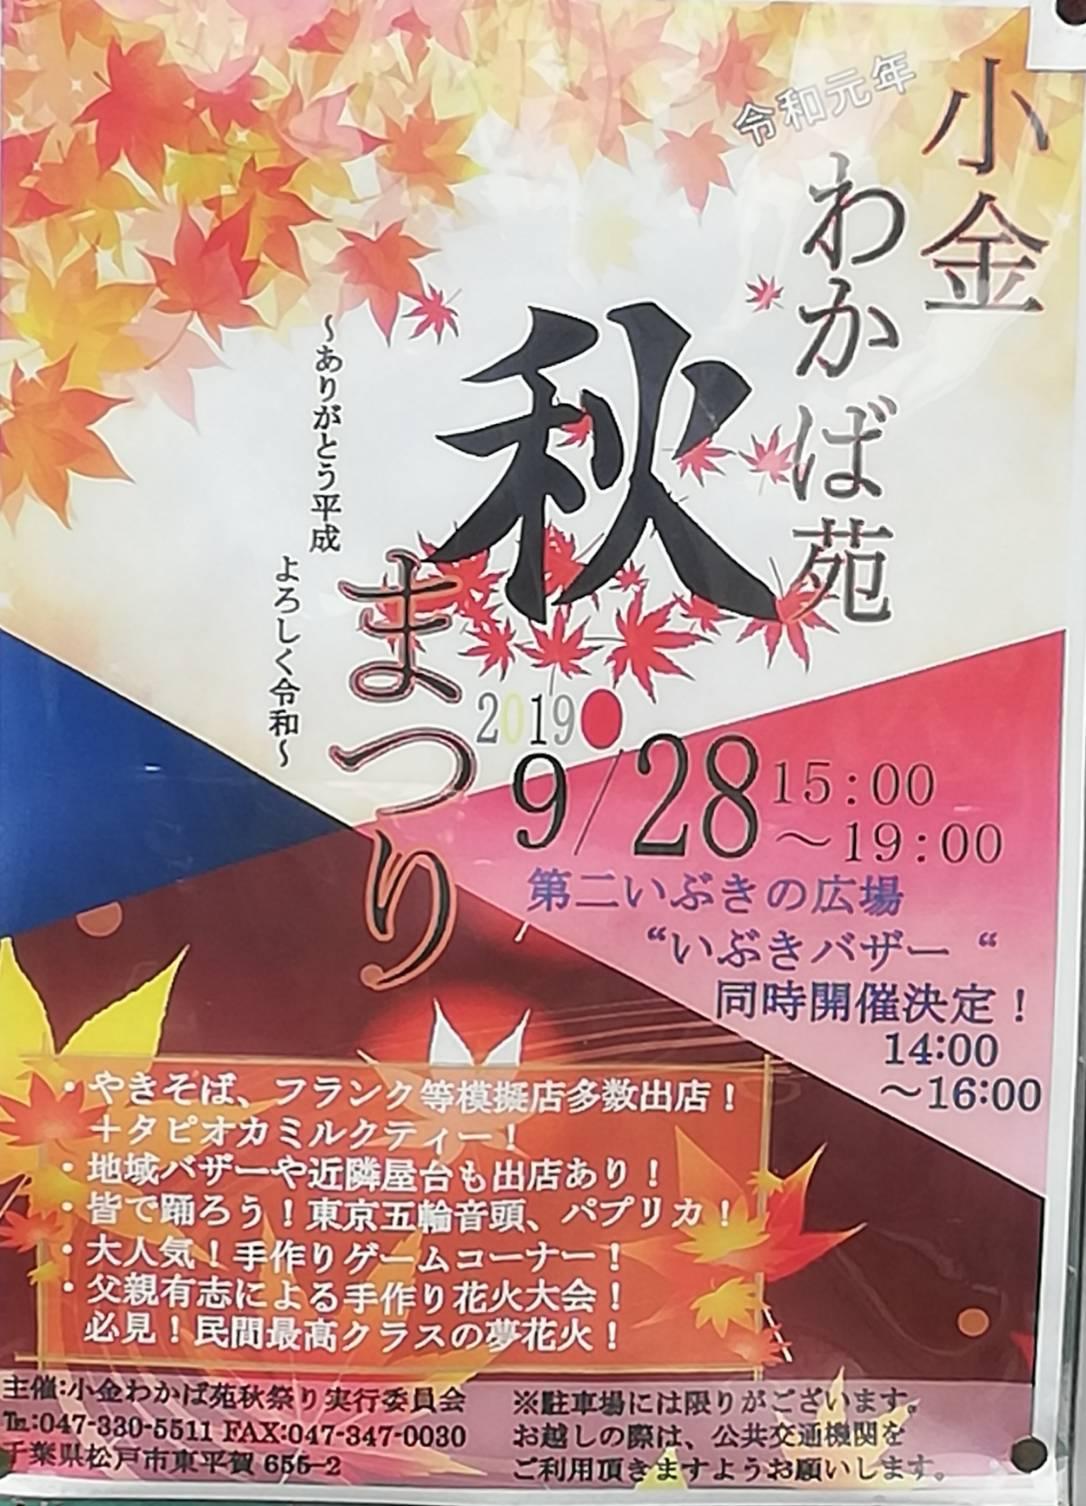 小金わかば苑秋祭り2019